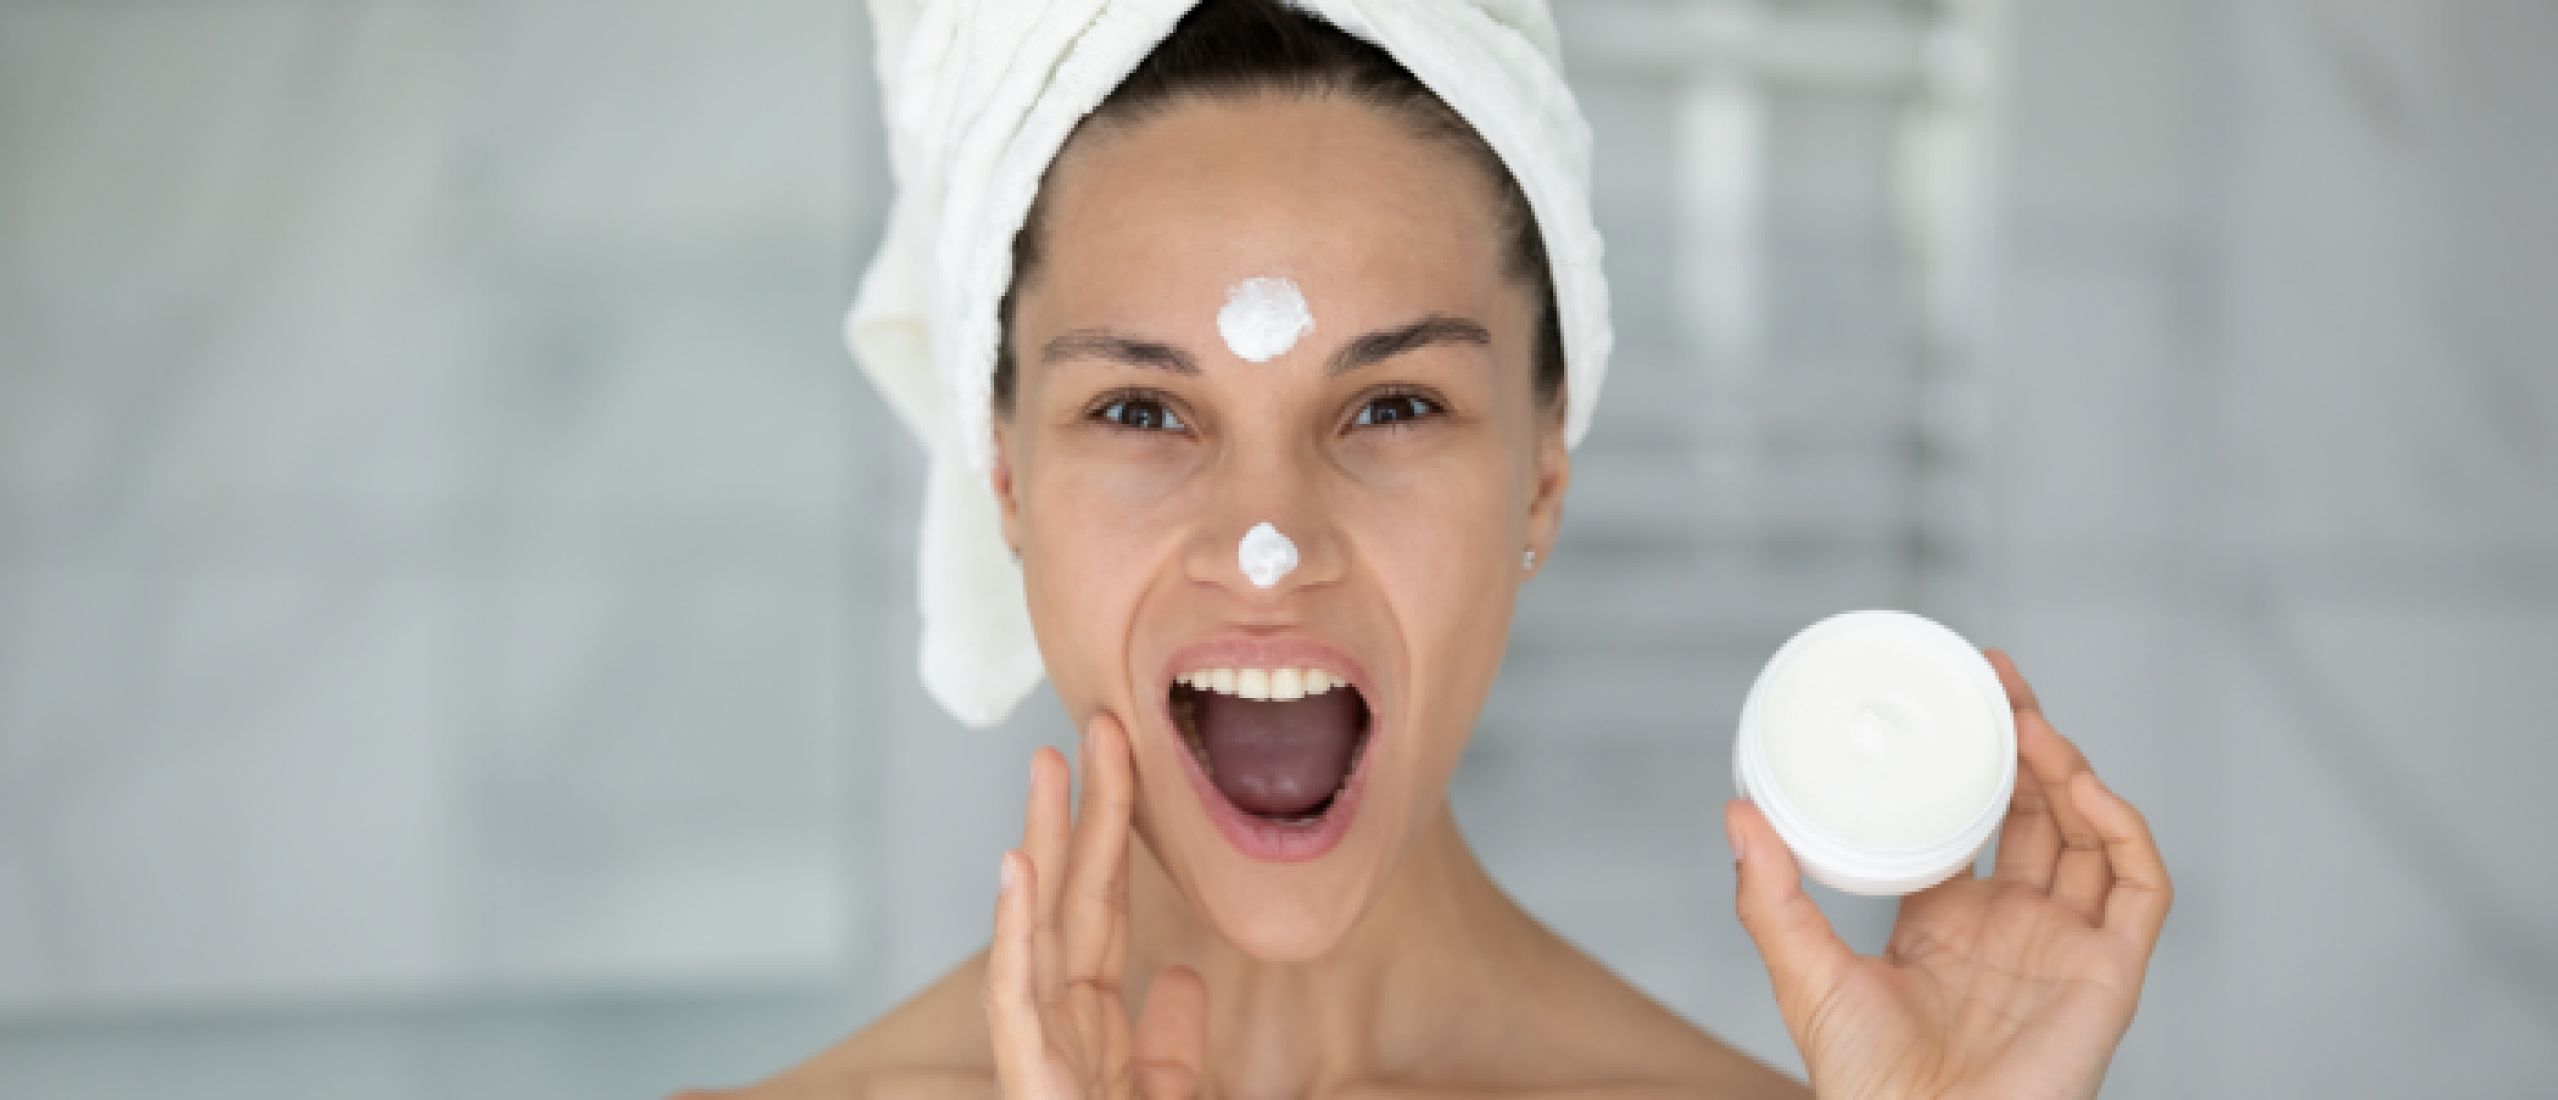 Wees zuinig op je huid, tips om je huid stralend te houden!